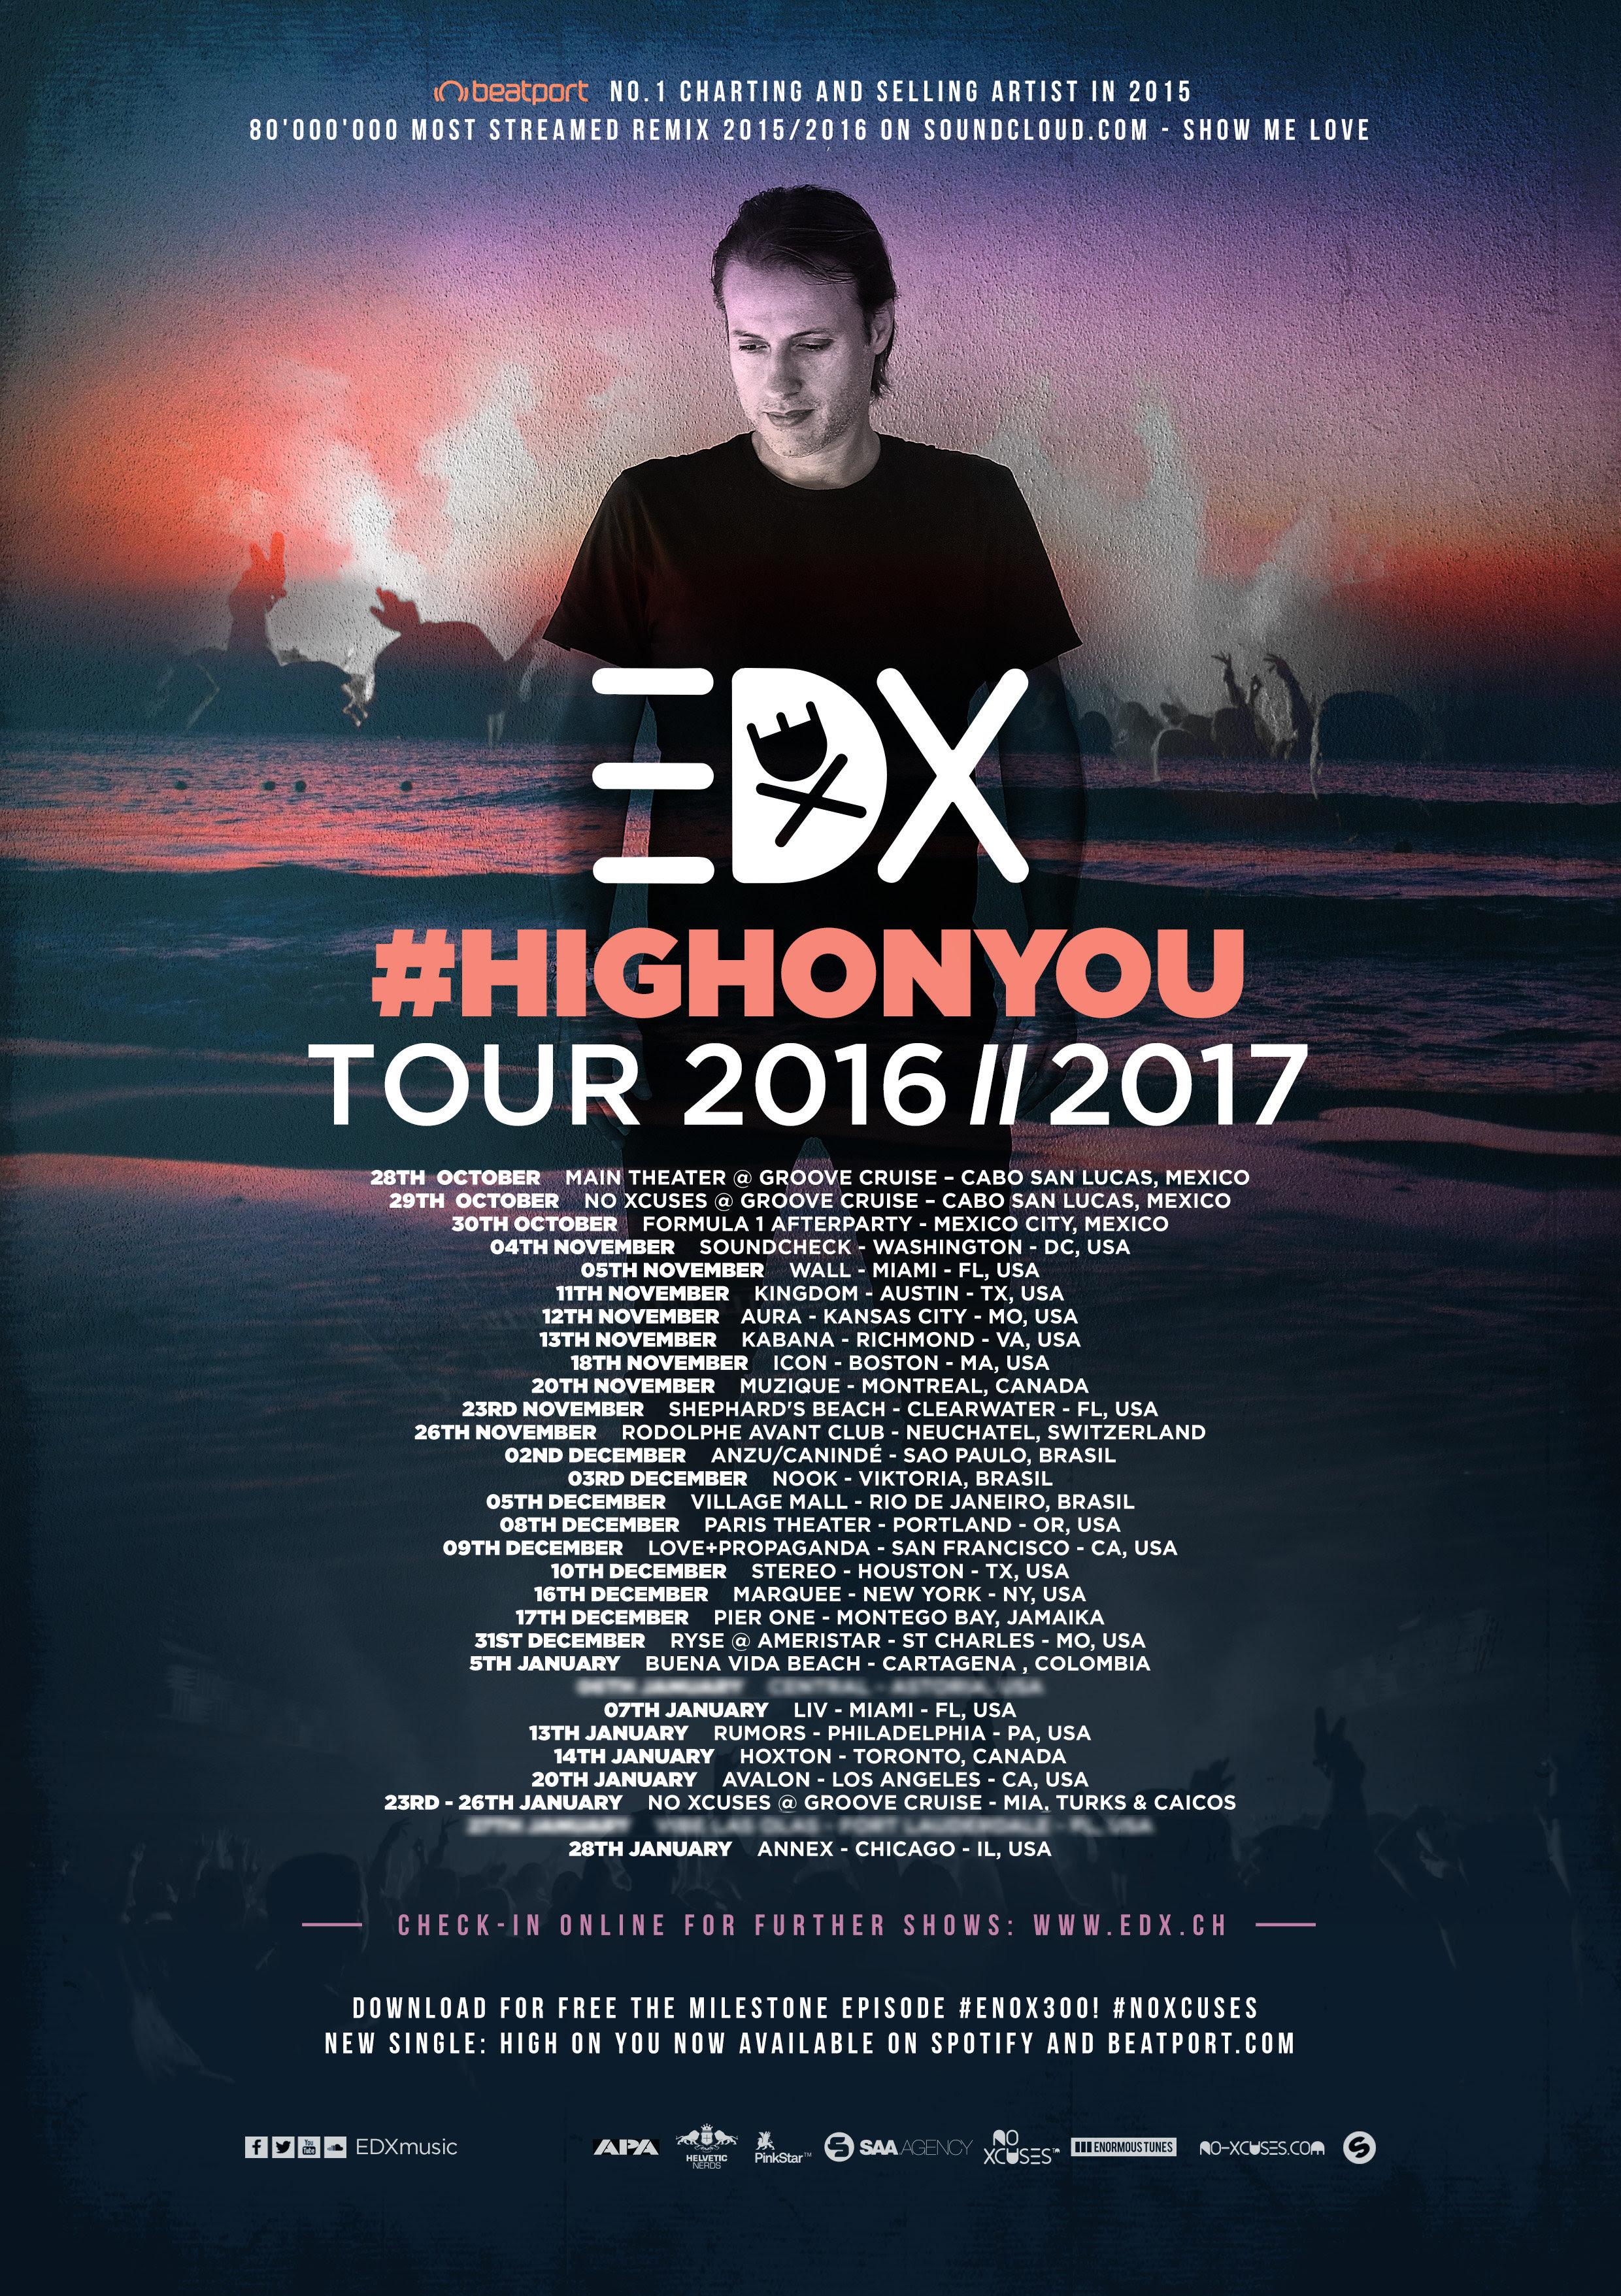 edx-tour